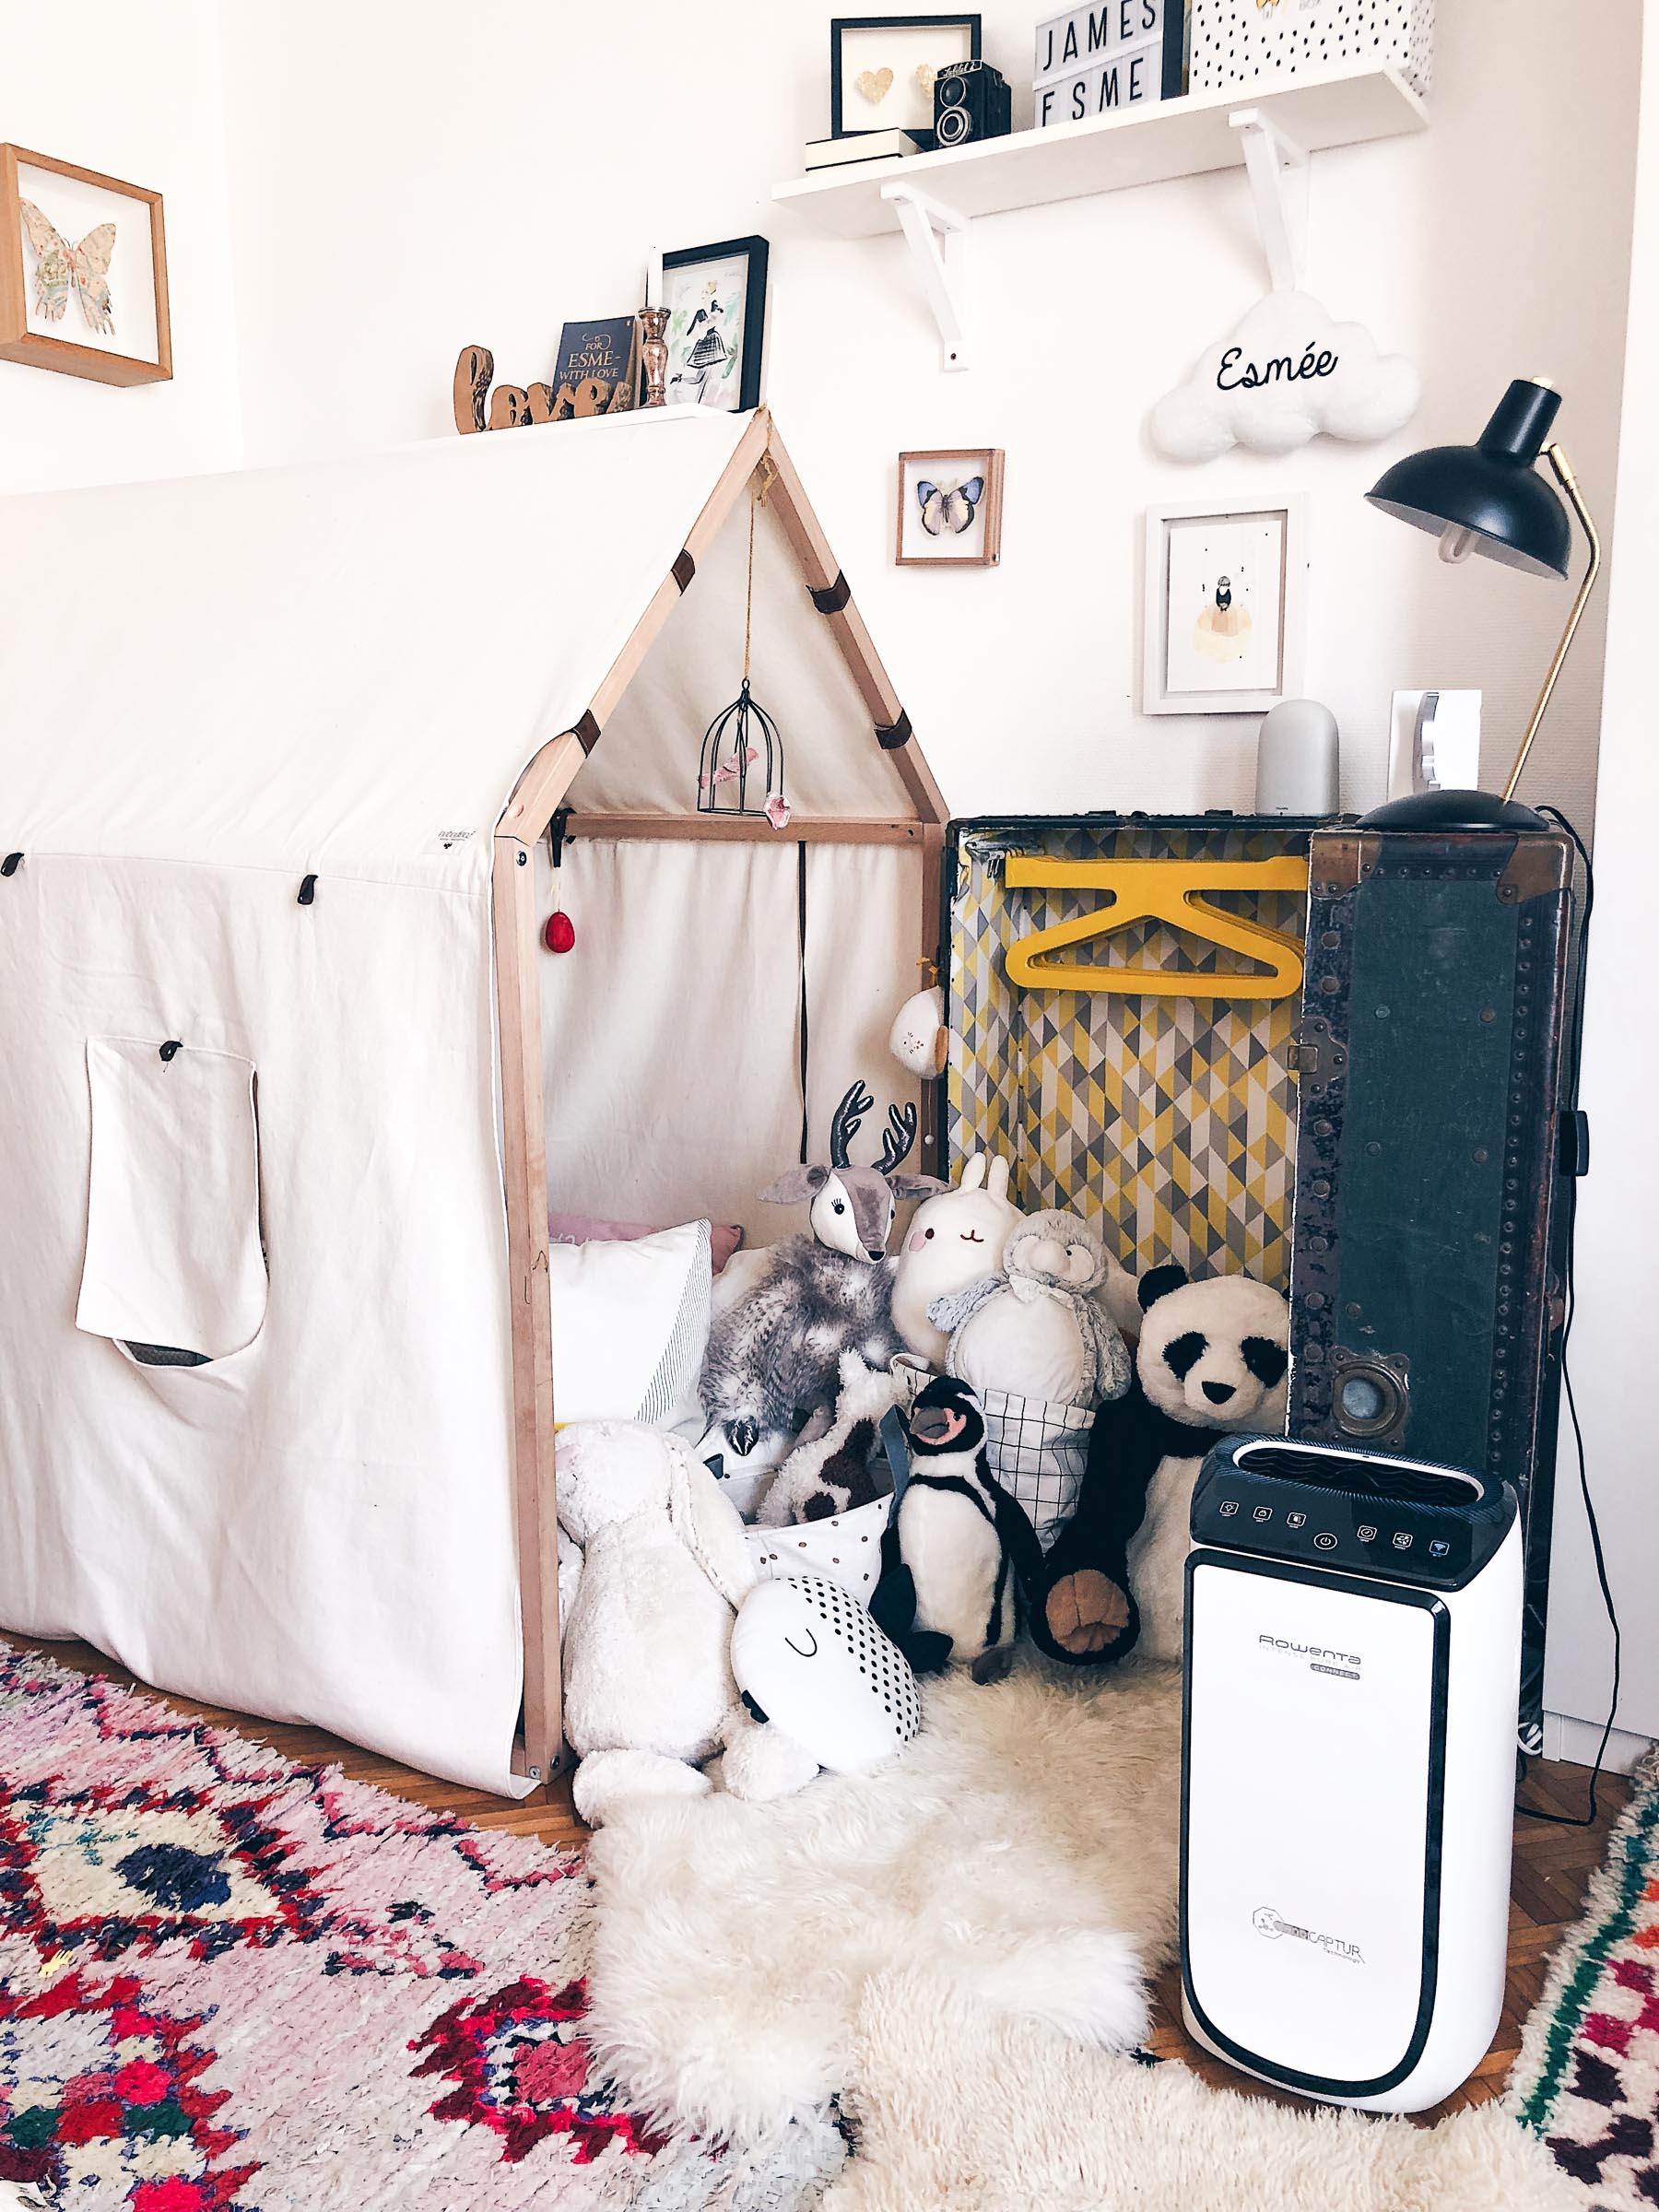 Purificateur d'air Pure air connect Rowenta anti allergies l La Fiancee du Panda blog mariage et lifestyle-2-9